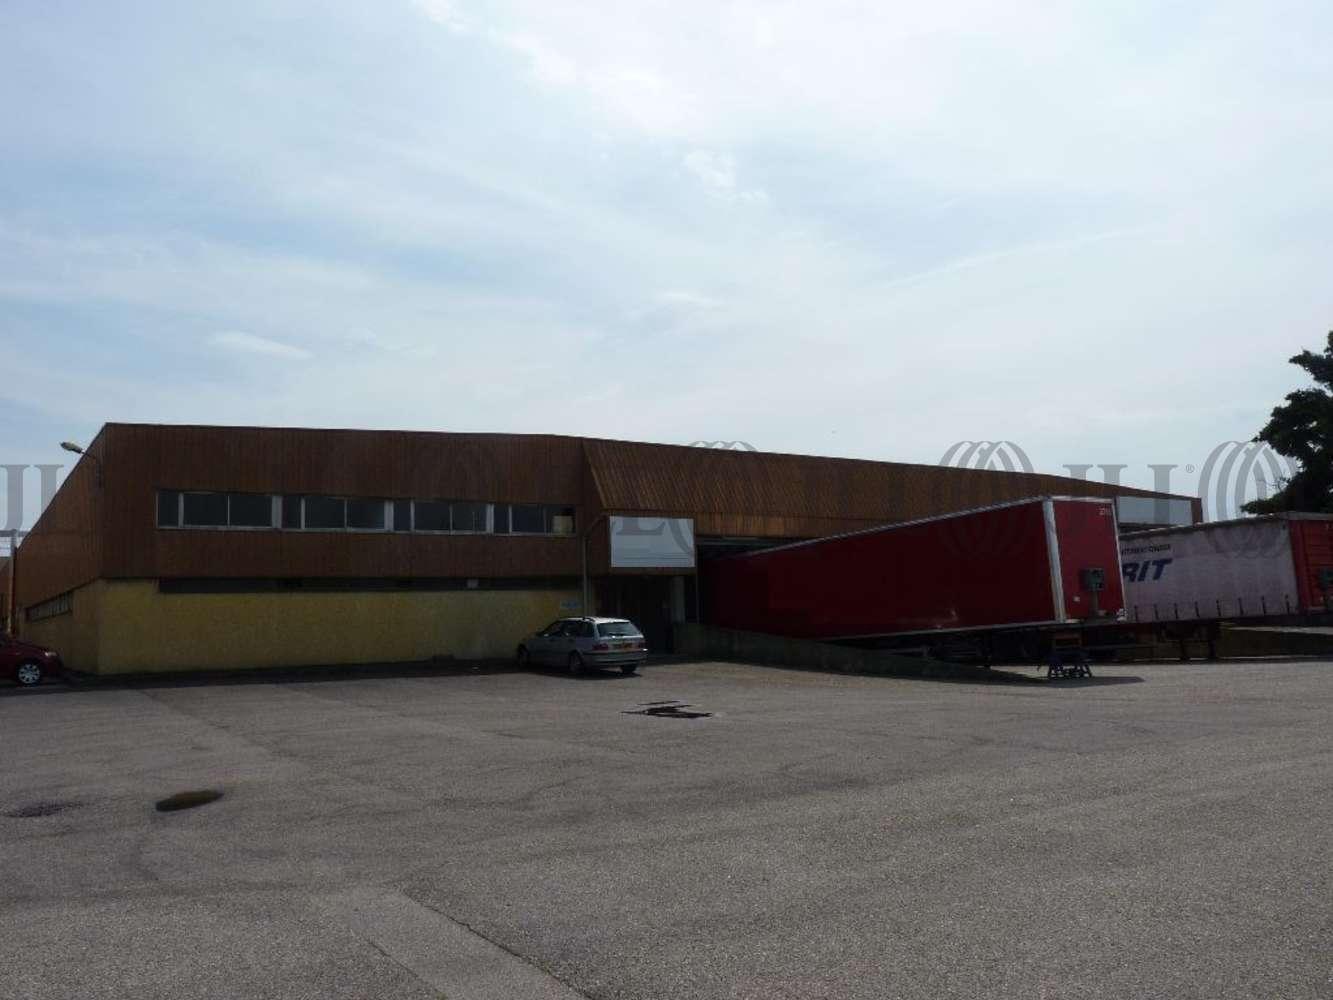 Activités/entrepôt Meyzieu, 69330 - Location entrepot Lyon Est - Meyzieu